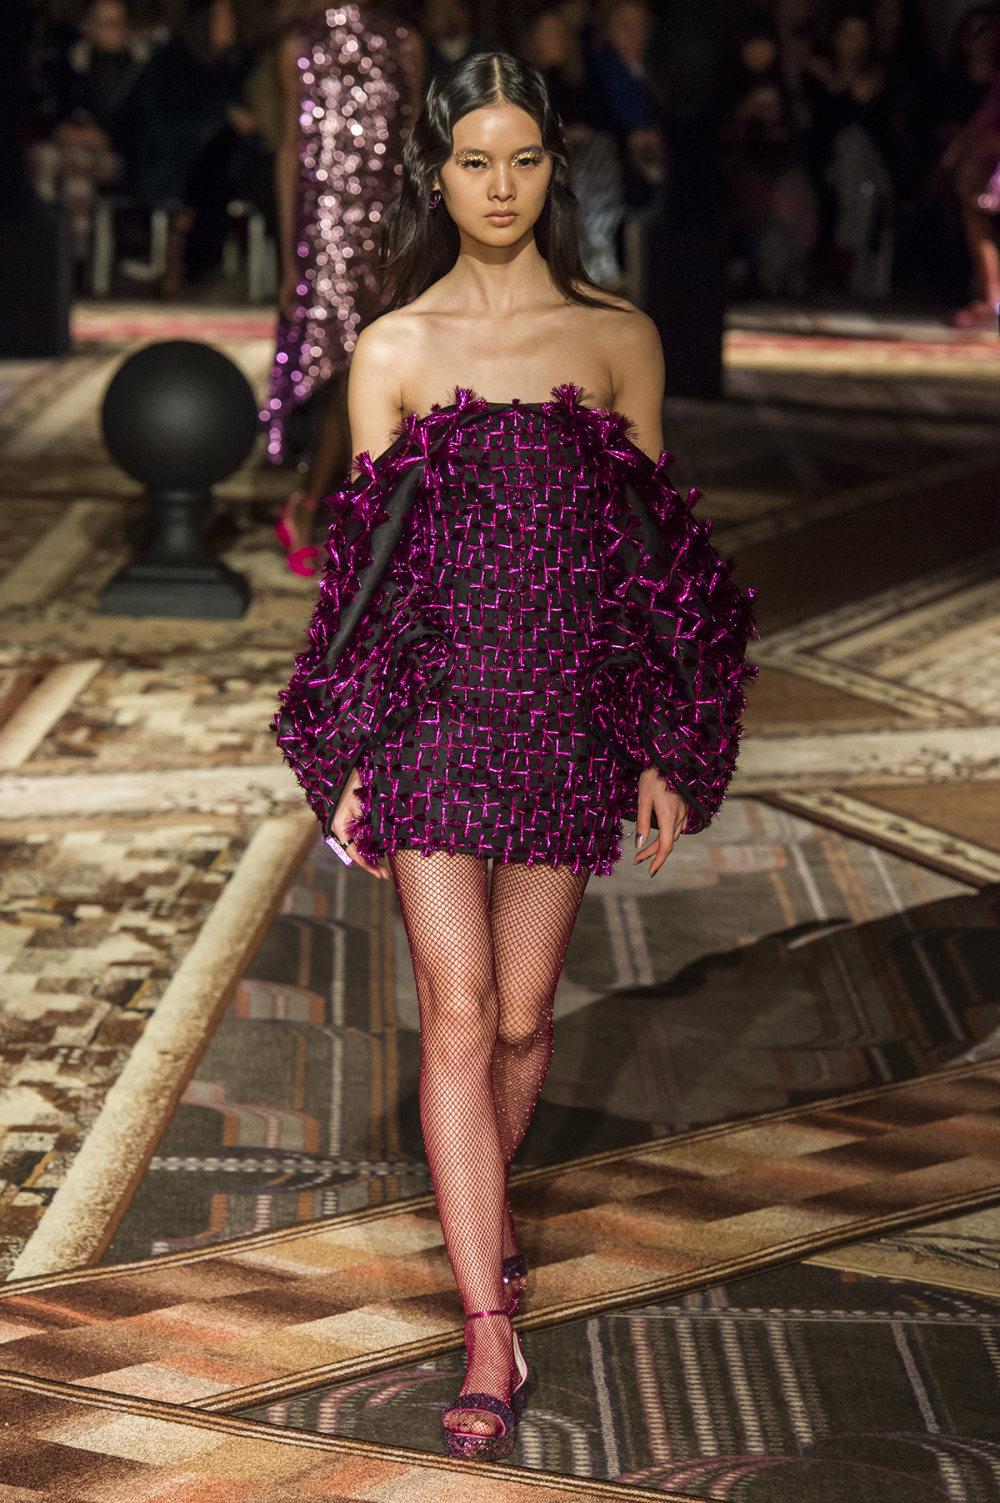 Halpern时装系列将幻想印花应用于宽大的缎面外套展示垂褶技巧-17.jpg